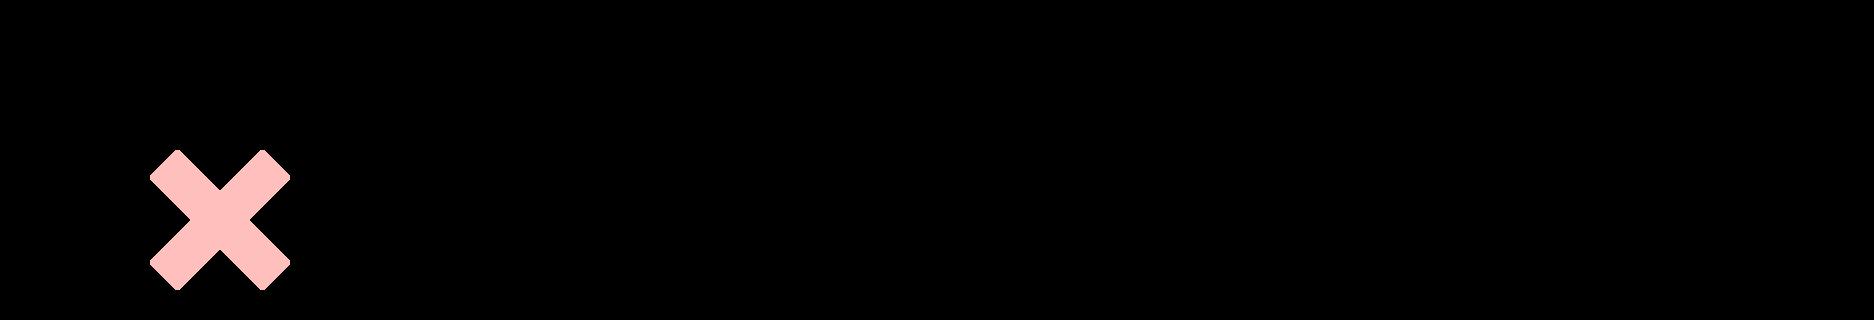 xenodata